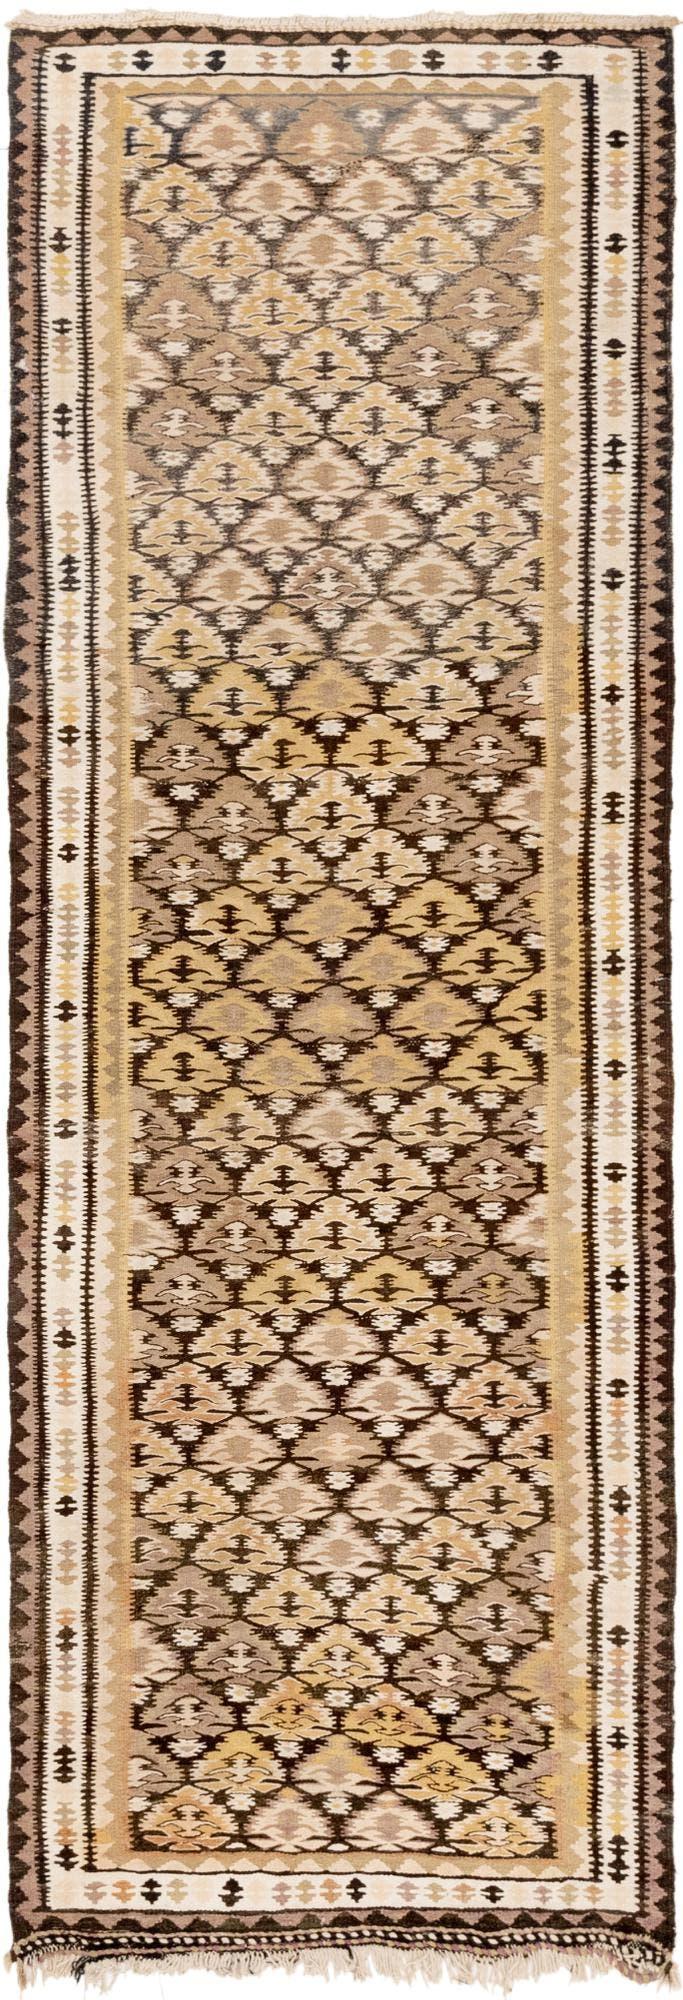 3' 3 x 9' 7 Kilim Fars Runner Rug main image